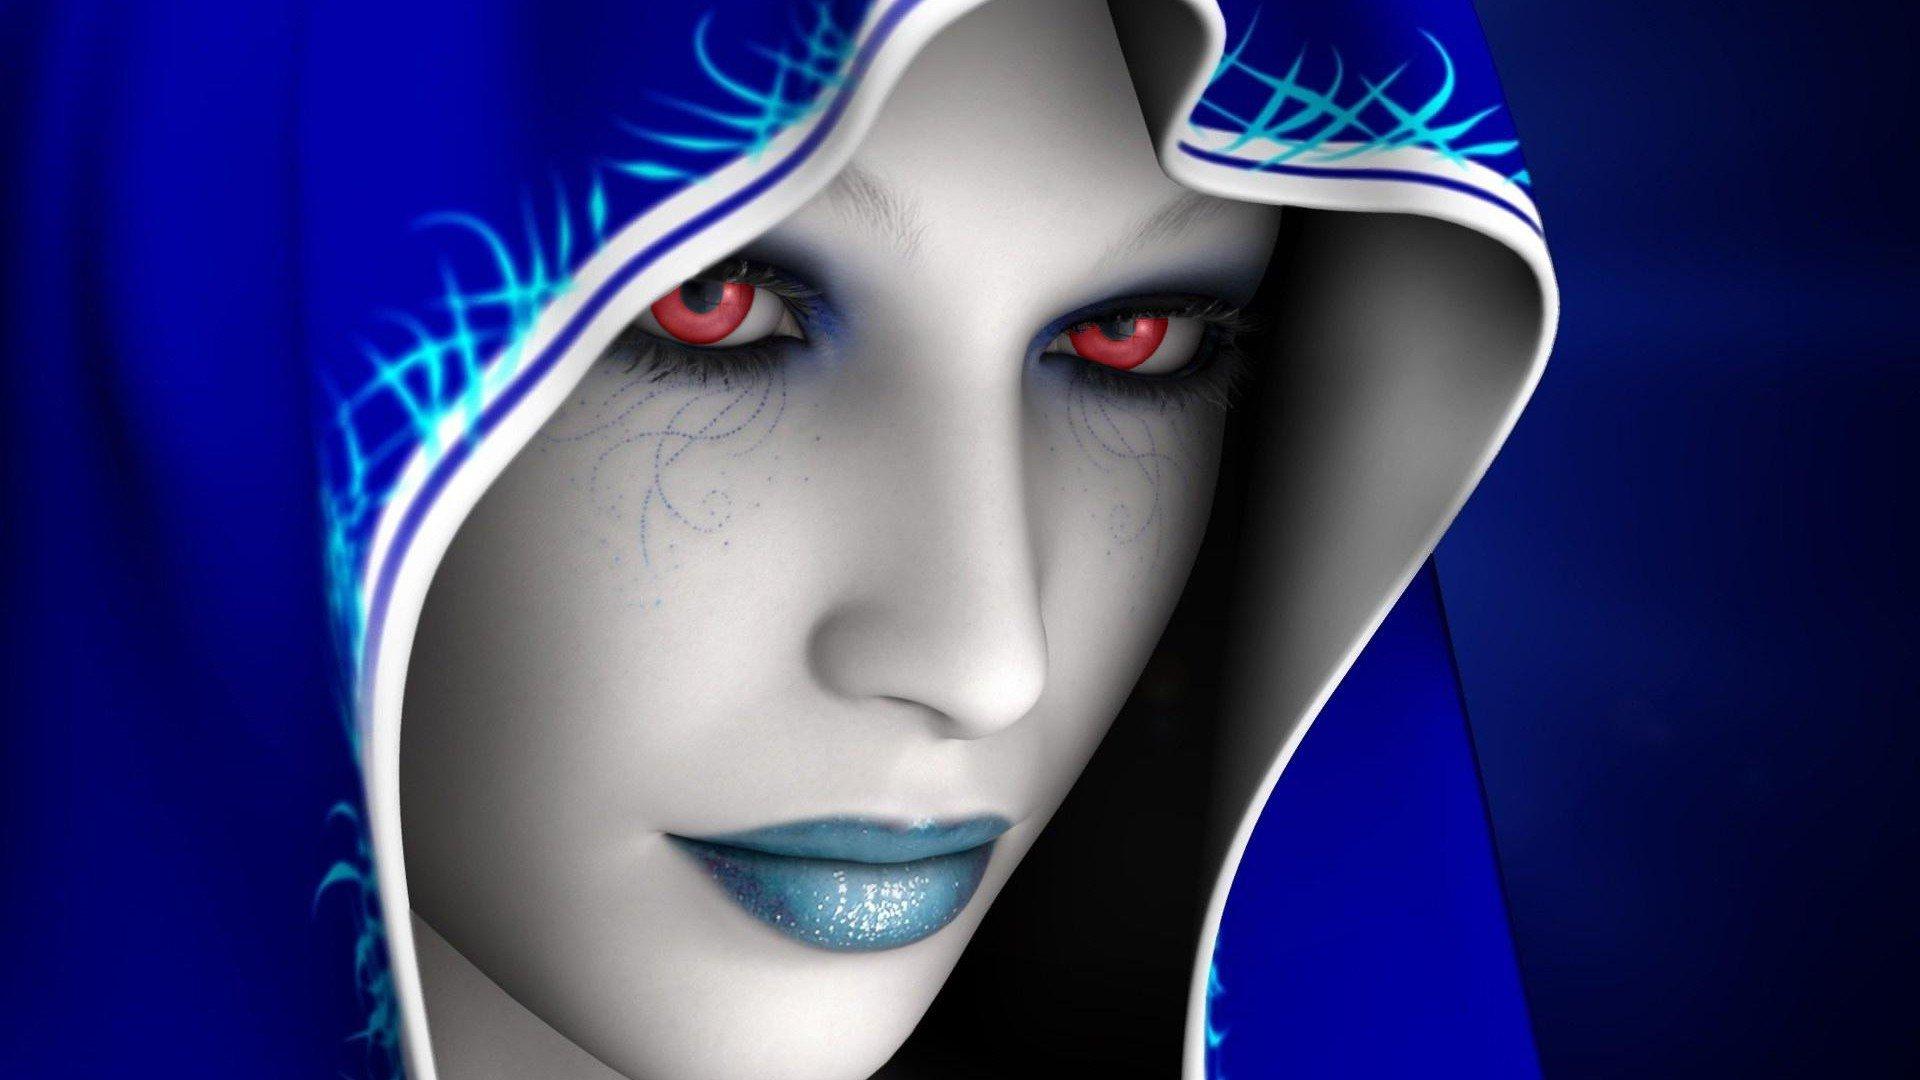 Erotic blue face